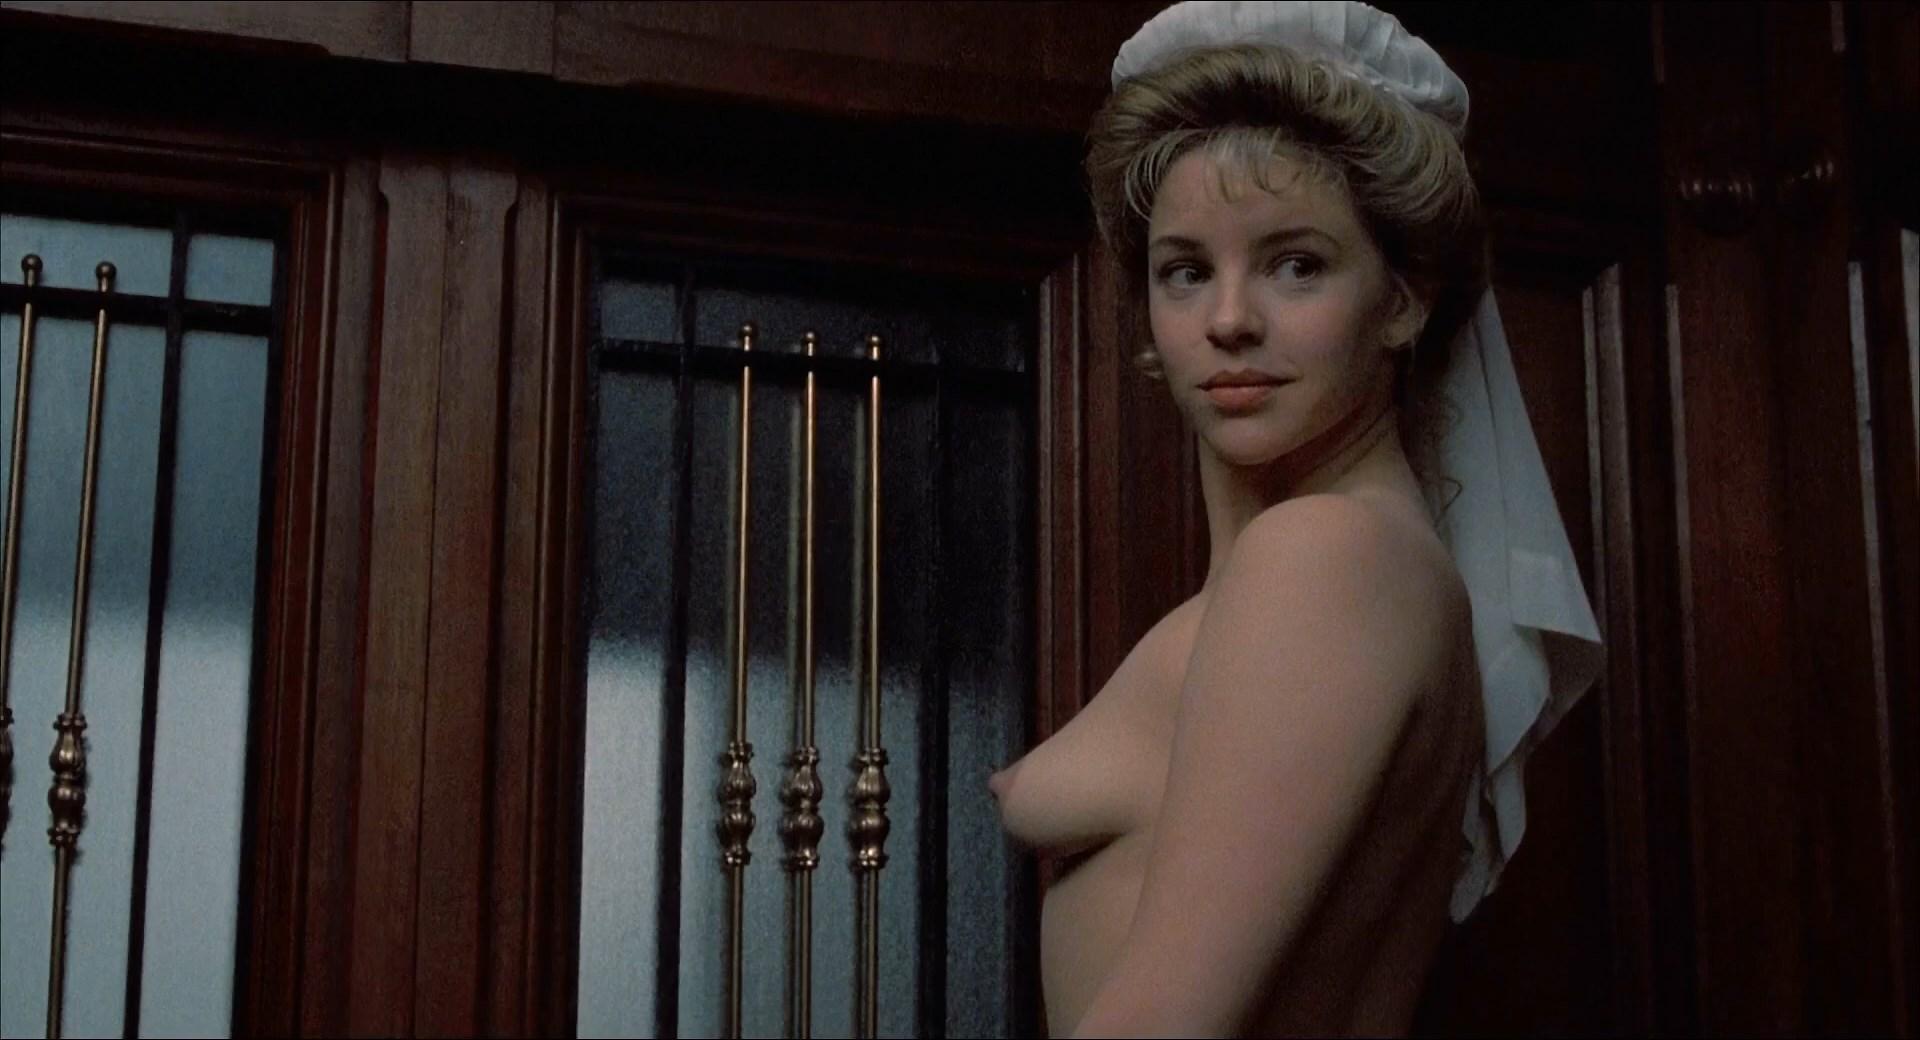 Bridget fonda nude porn pics